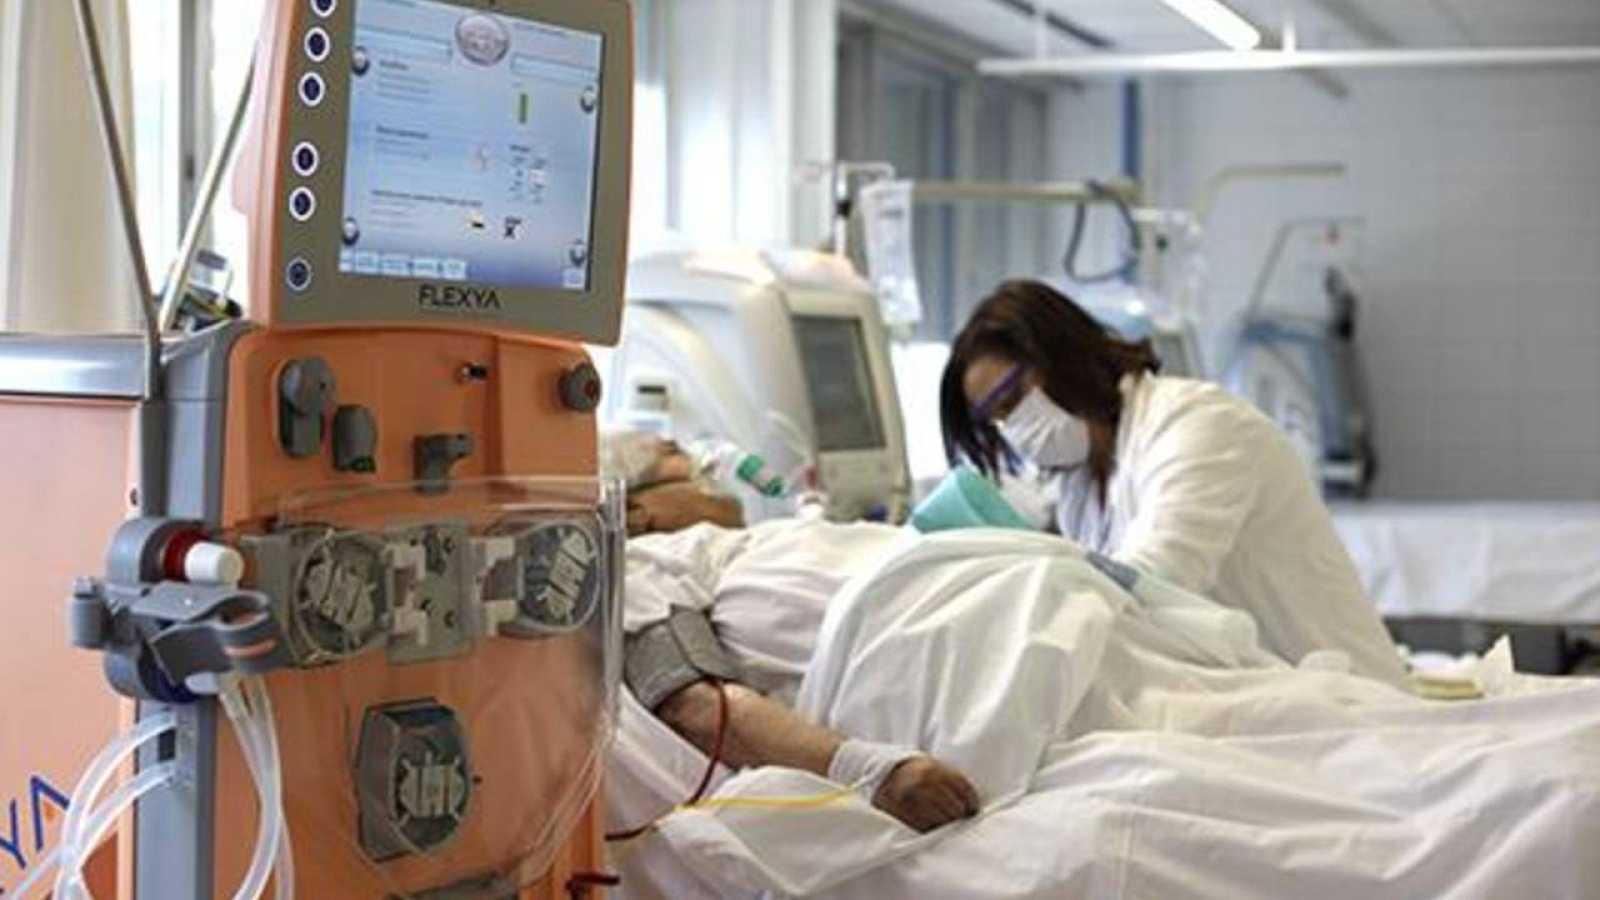 Vall d'Hebron assaja si filtrar la càrrega viral de la sang millora l'estat de pacients crítics amb covid